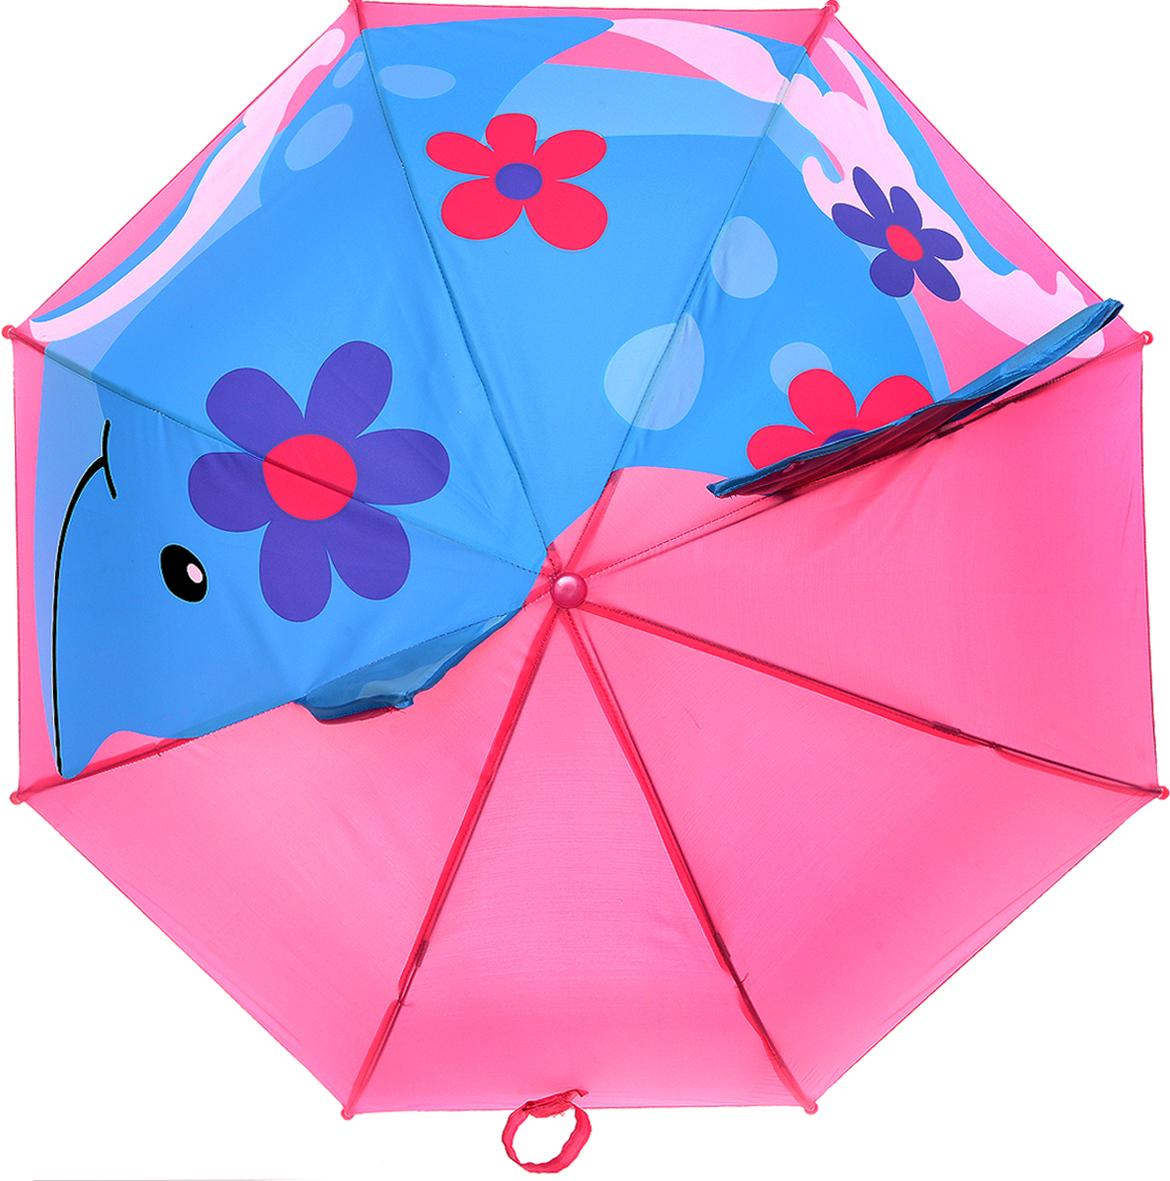 Mitya Veselkov Зонт-трость детский ДельфинREM12-CAM-REDBLACKДетский зонт-трость Mitya Veselkov Дельфин защитит вашего ребенка от непогоды. Зонтик не боится дождя и ветра благодаря прочному креплению купола к каркасу. Купол розового цвета оформлен рисунком с большим голубым дельфином. Купол дополнен объемными вставками: плавником и хвостом. Изделие имеет механический способ сложения, купол открываются и закрываются вручную до характерного щелчка. Купол фиксируется хлястиком на липучку. Концы спиц закрыты пластиковыми шариками. Детский зонтик с металлическими спицами станет замечательным подарком для вашей малышки и защитит ее не только от дождя, но и от солнца.